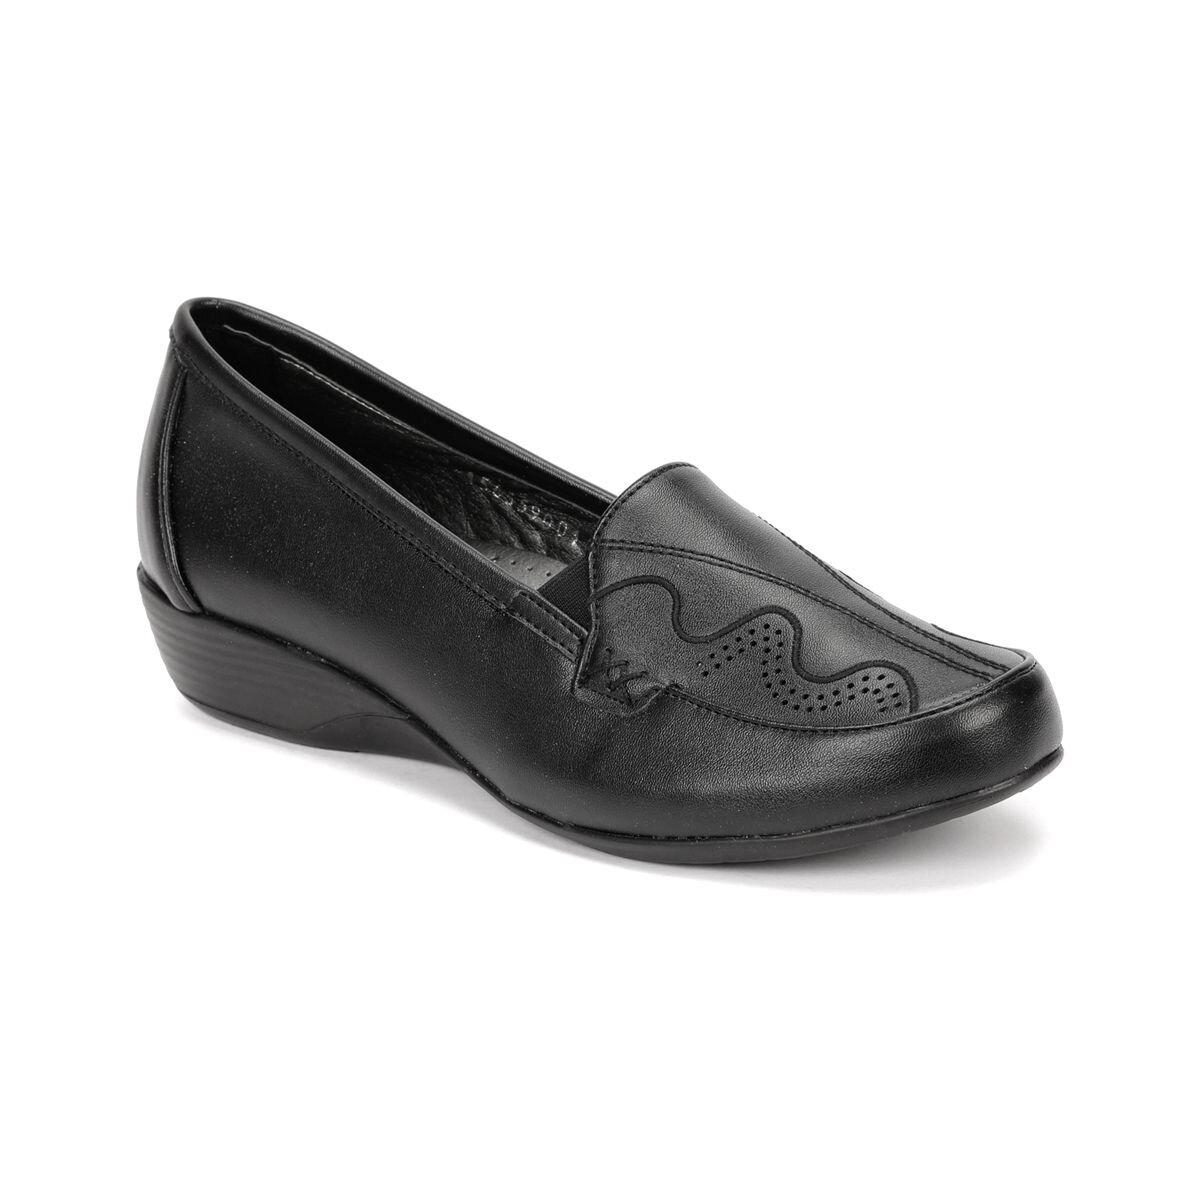 SIYAH Kadın Klasik Ayakkabı